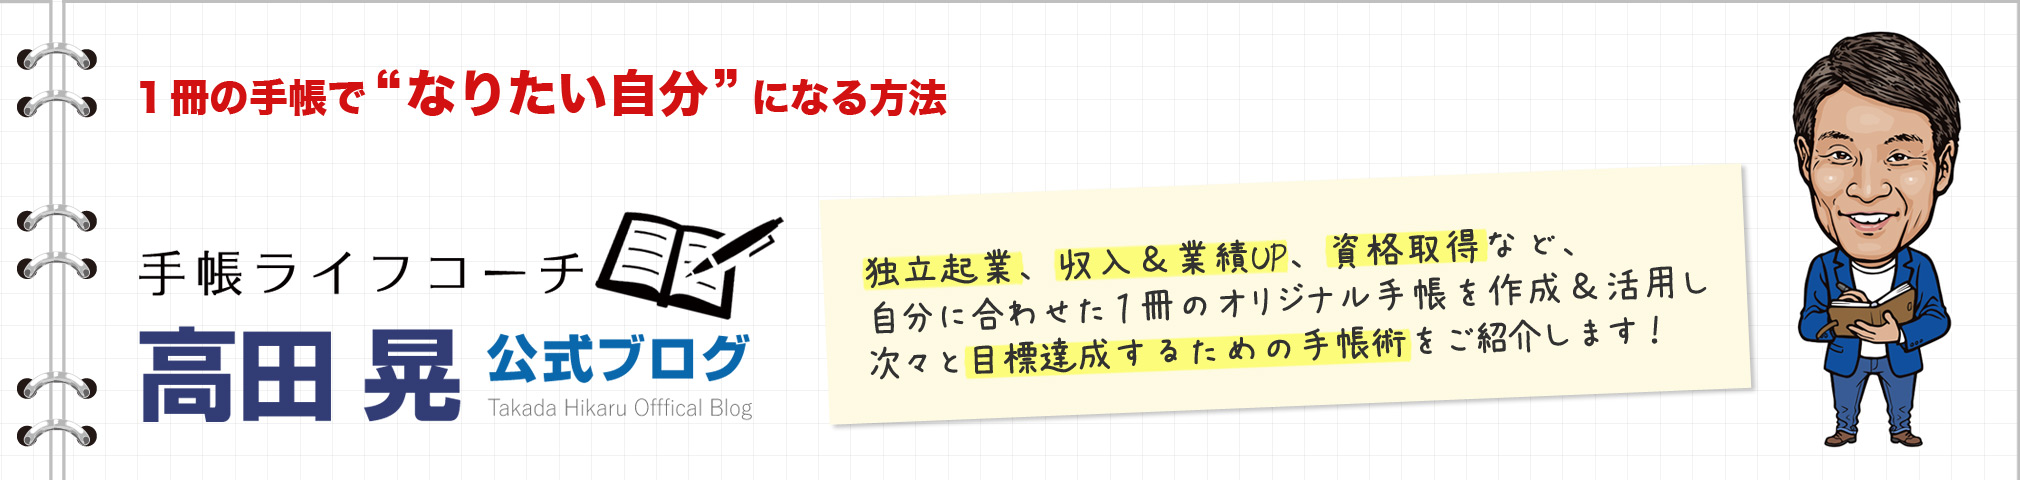 目標達成のための「ルーティン」の具体例と効果 | 手帳ライフコーチ高田晃 公式ブログ